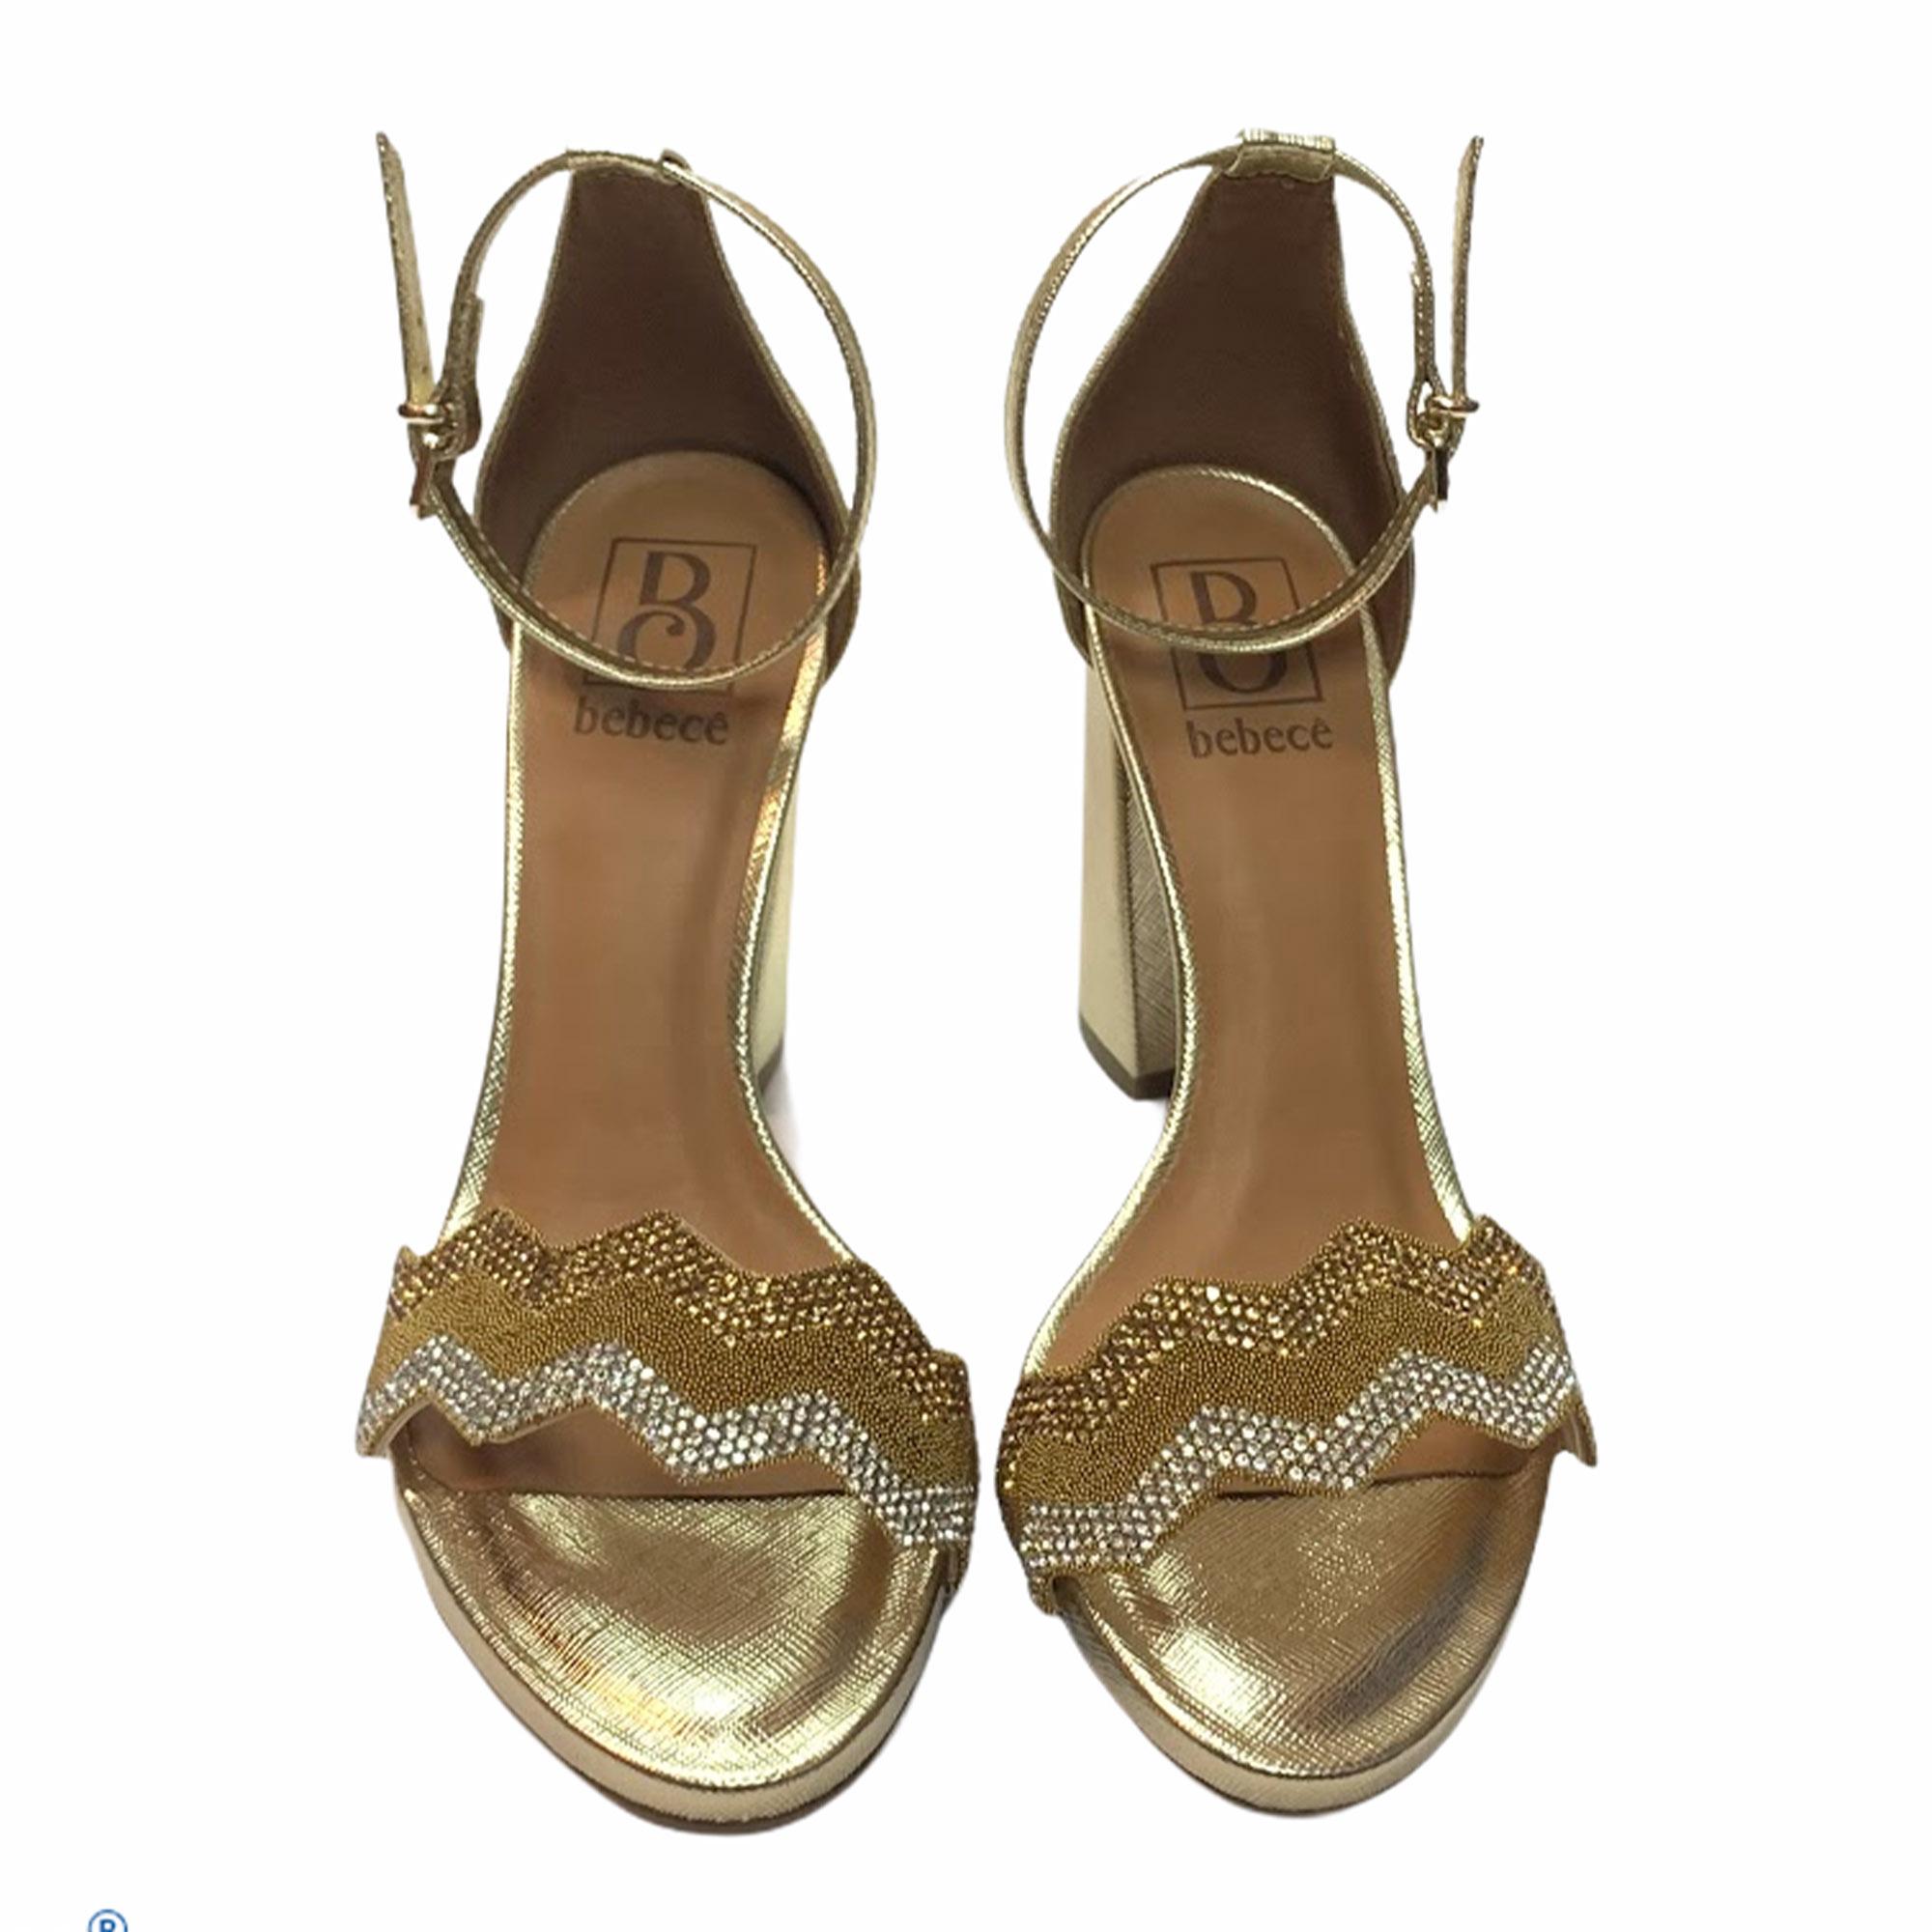 Sandália Bebecê Metalizada Dourada